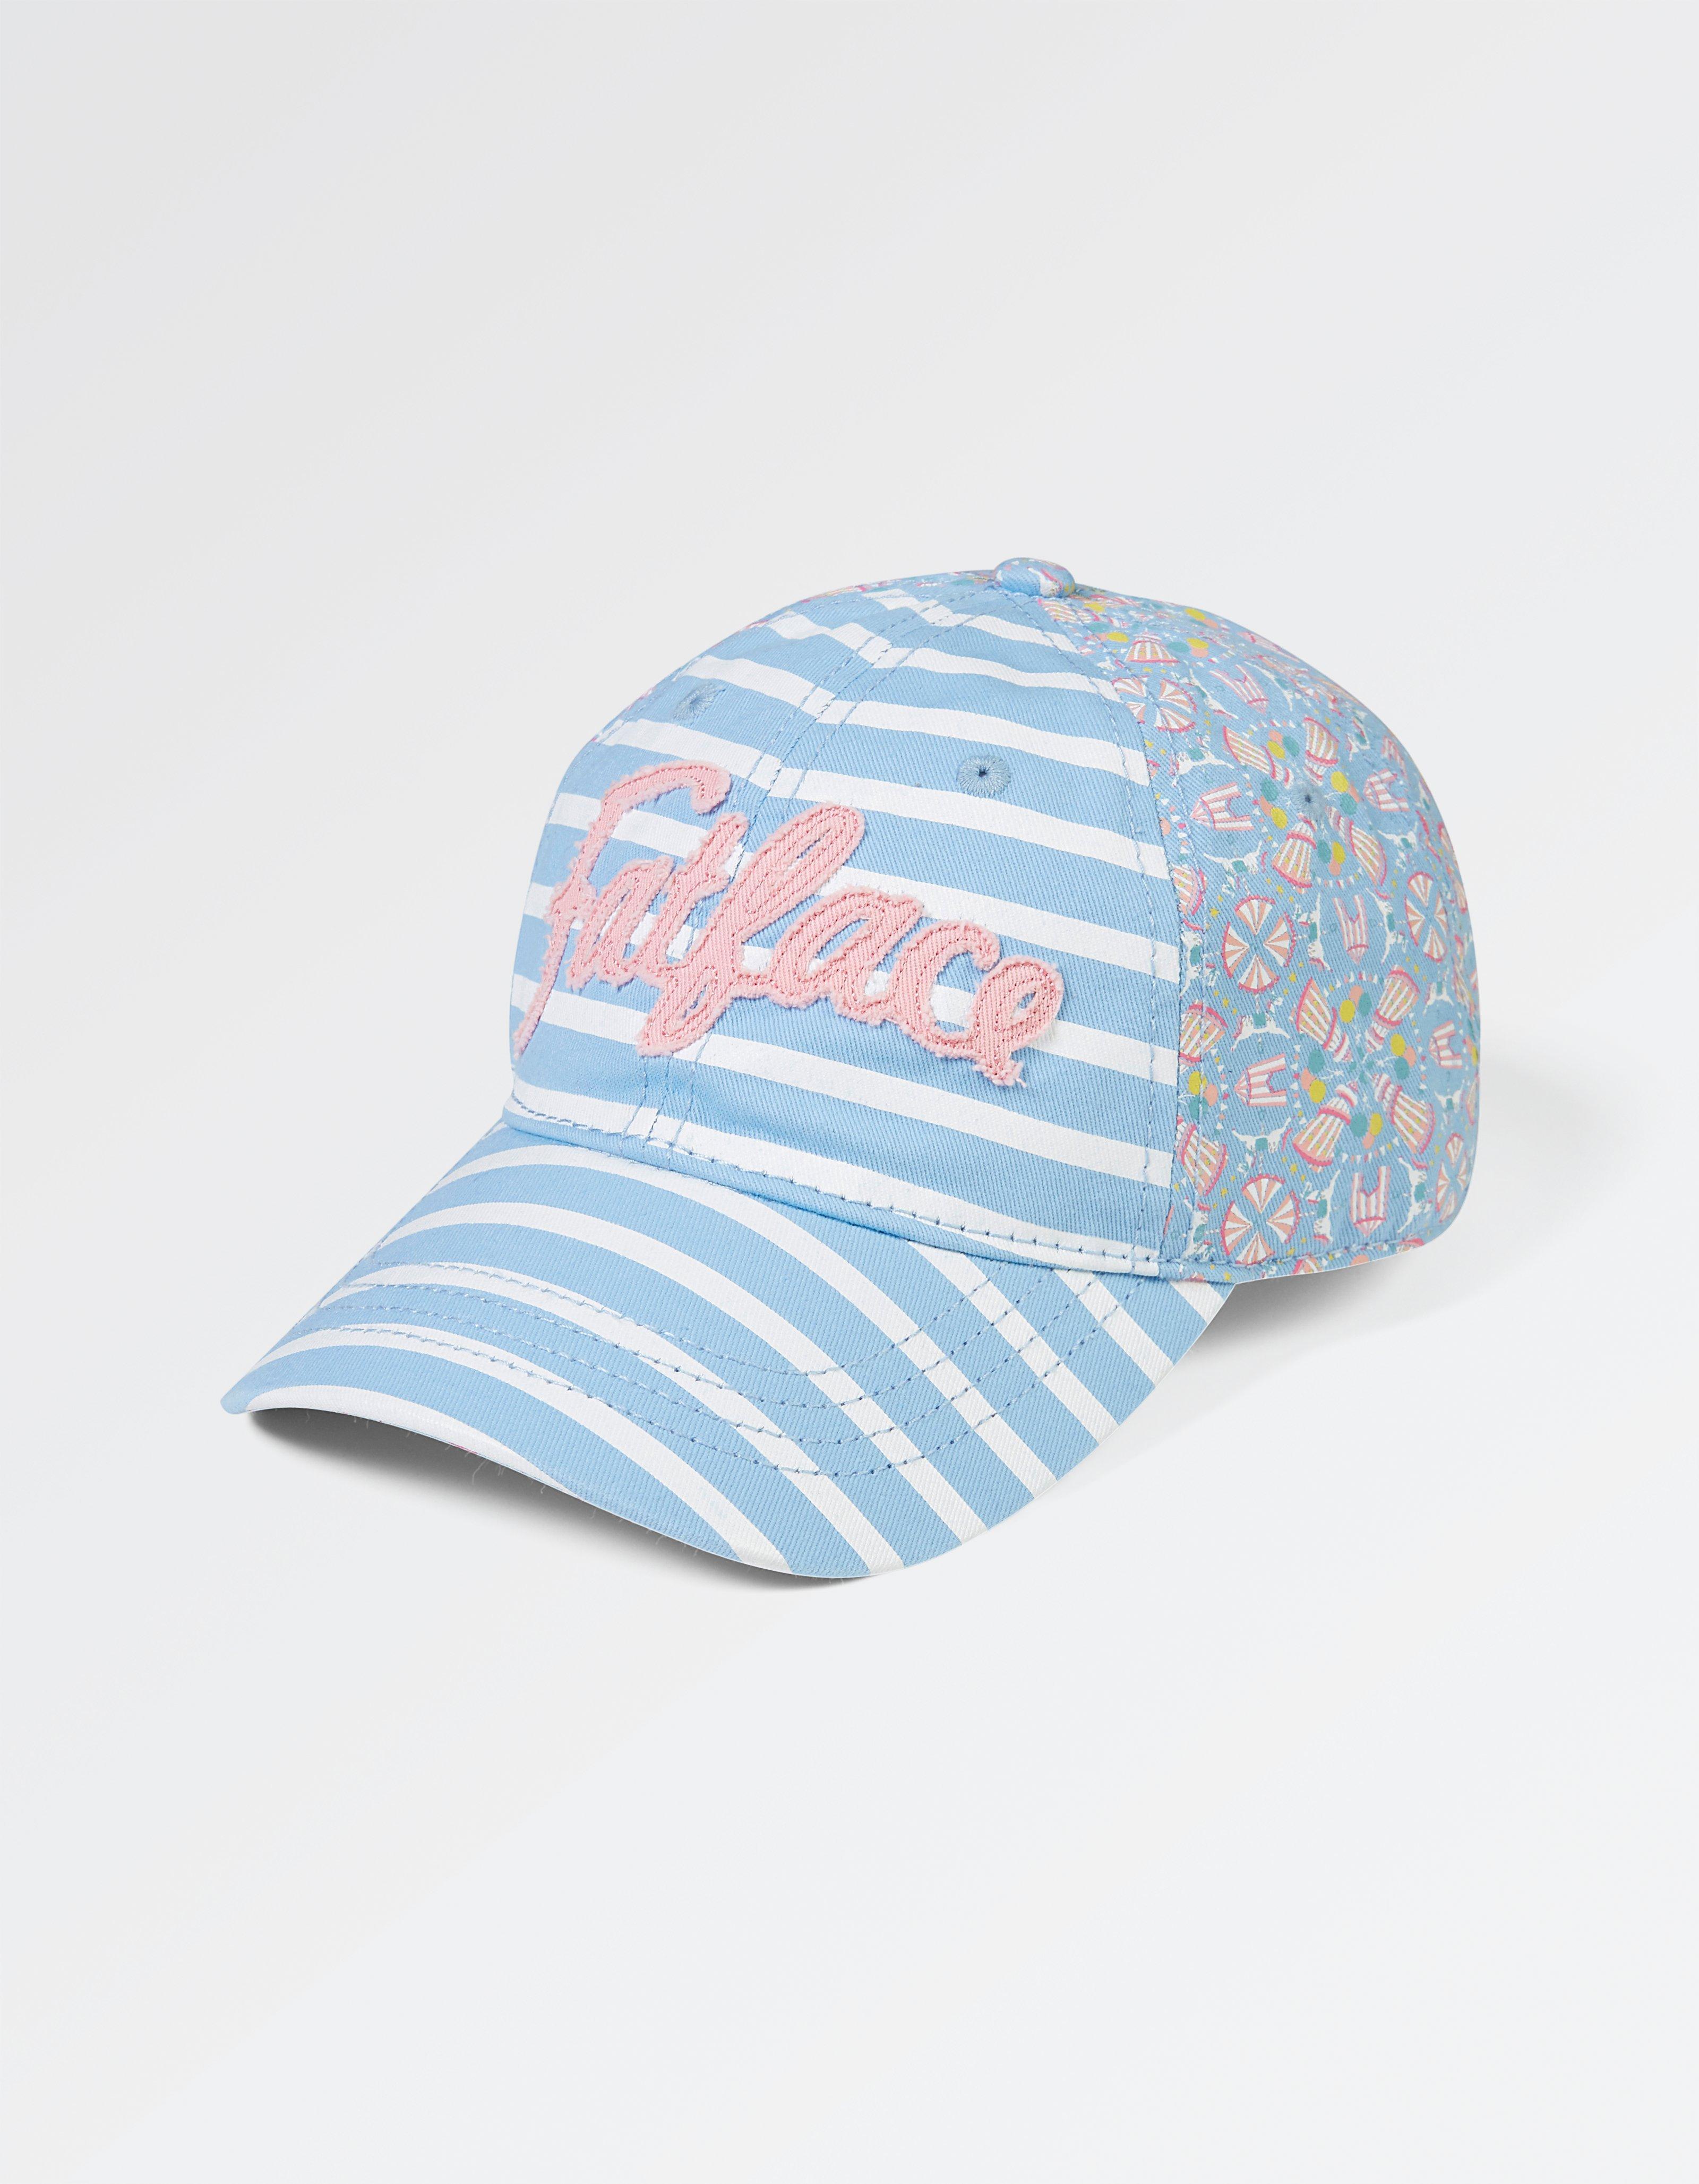 Stripe Fairground Print Cap